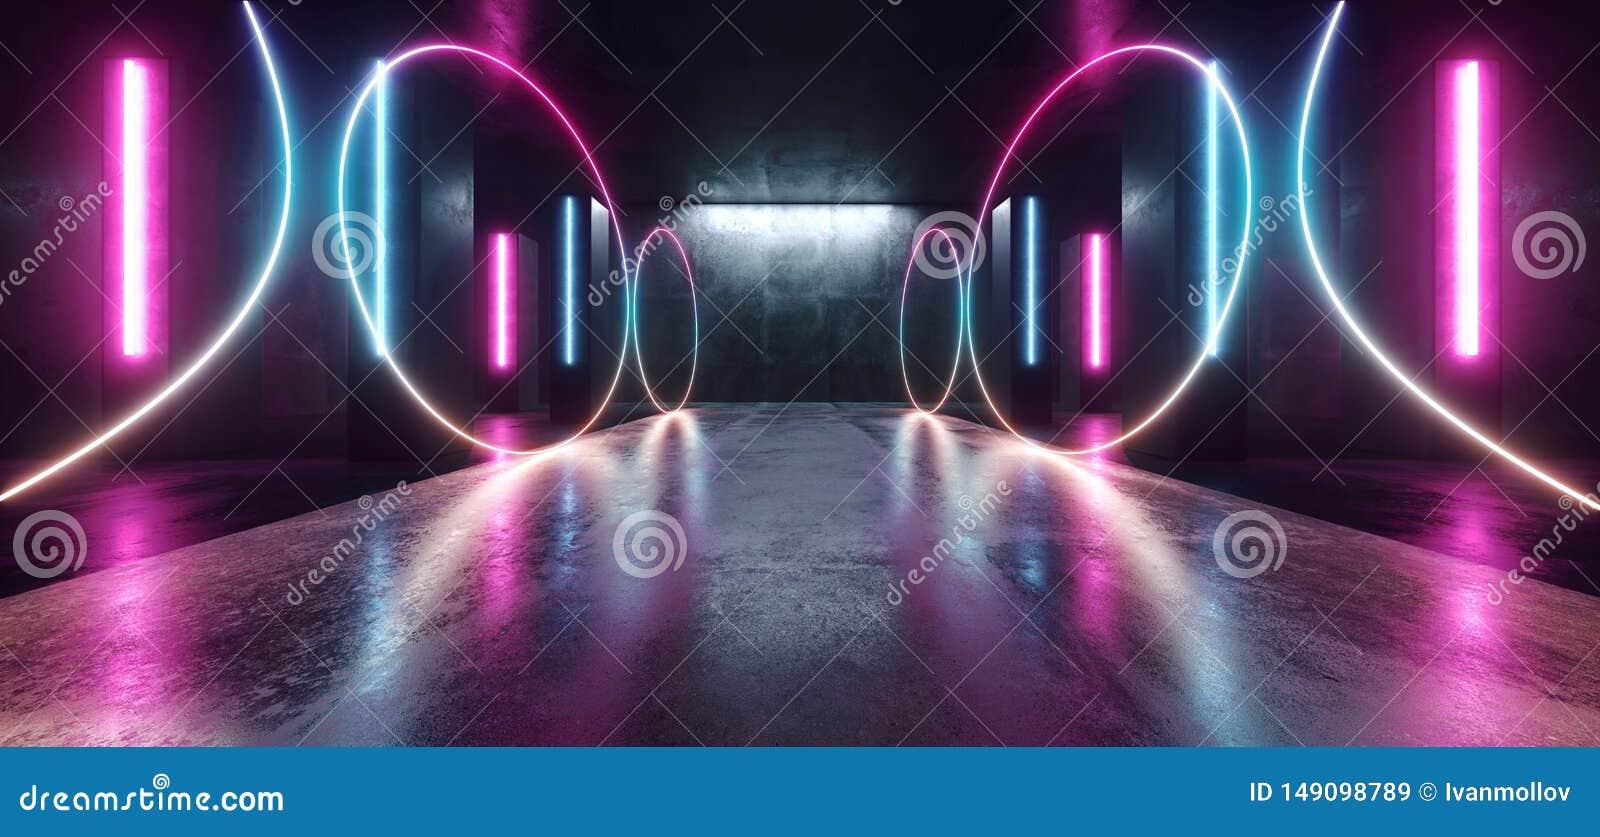 Stadium van de de Tunnelgang van FI Purpere Blue Circle Gestalte gegeven Gloeiende Trillende Lege Ruimtegrunge van neonlichten he